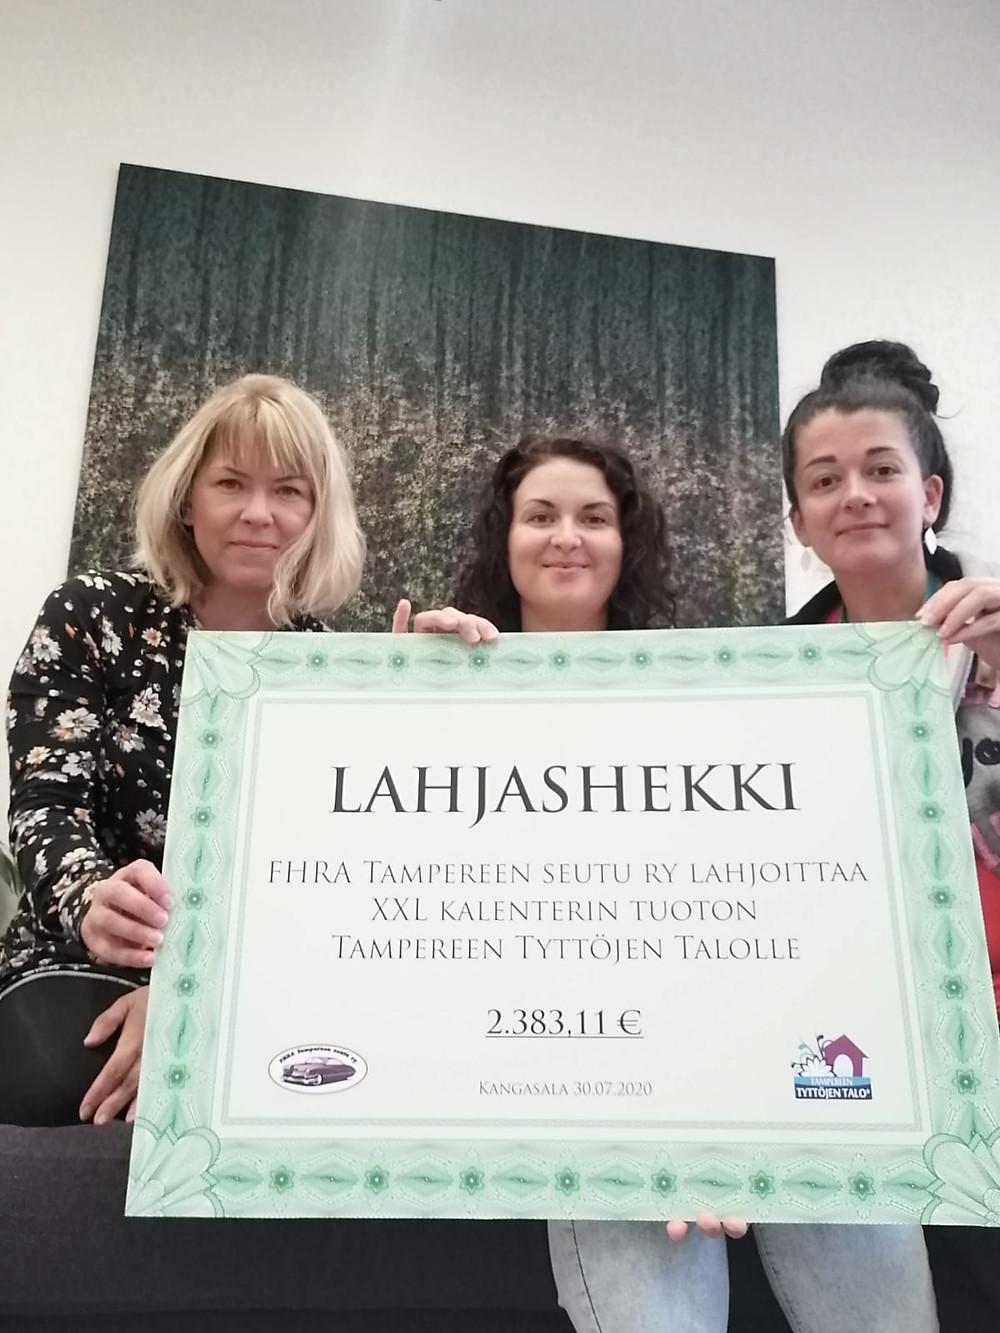 Tyttöjen Talo kiittää lahjashekistä FHRA Tampereen seutua